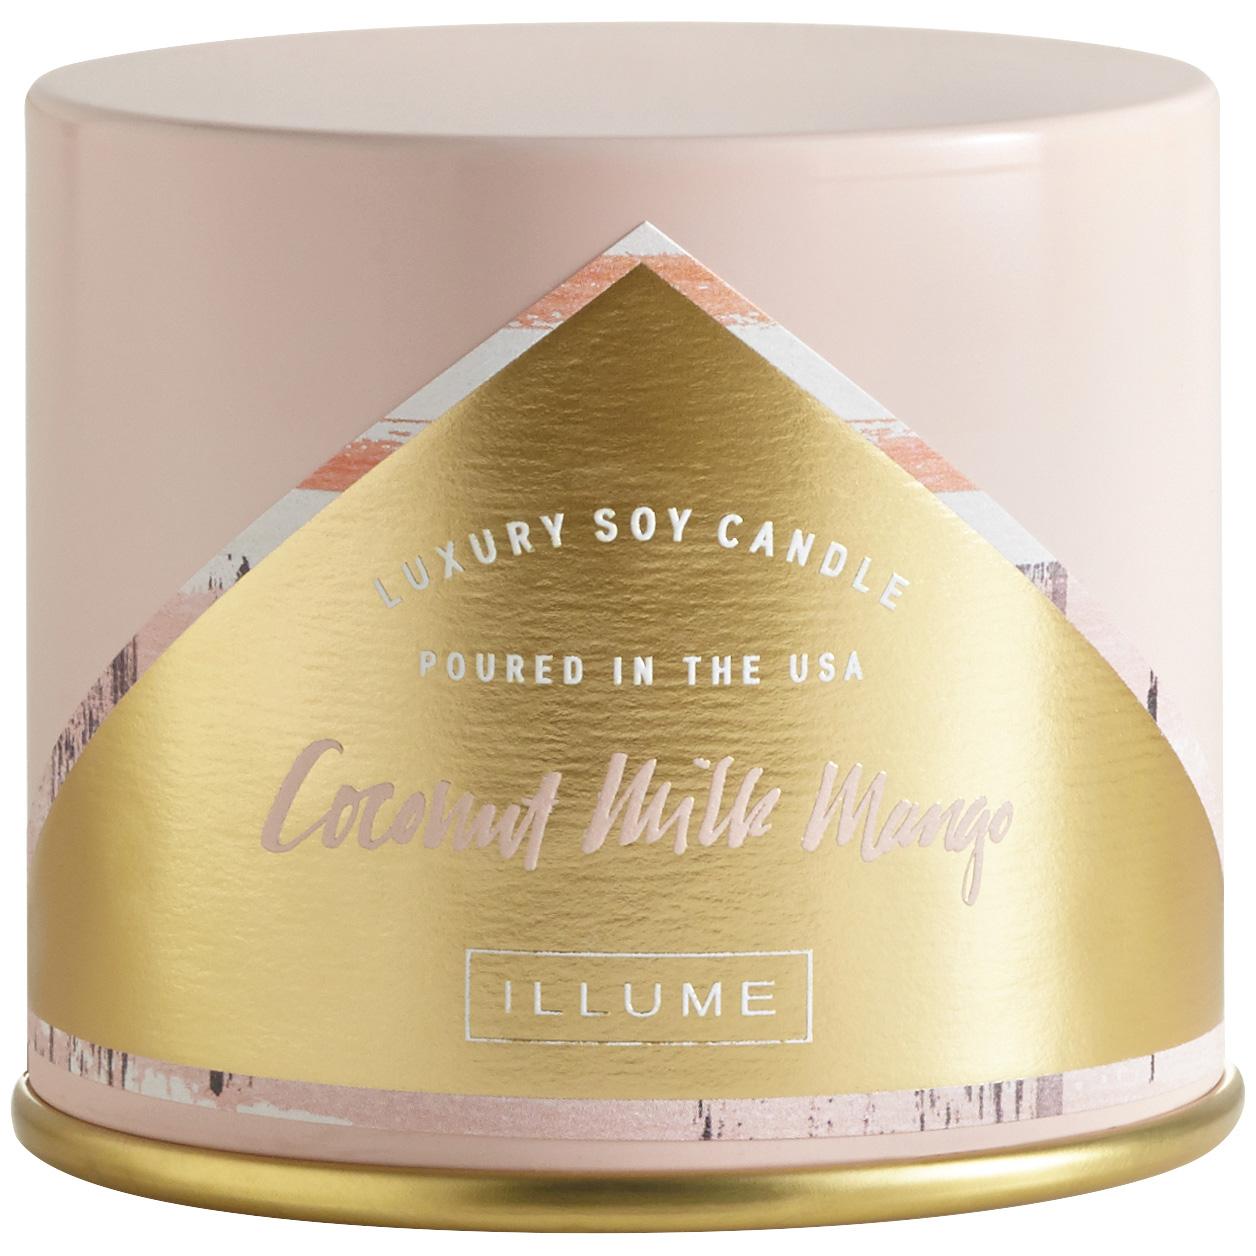 Illume | Essentials Coconut Milk Mango Vanity Tin Candle